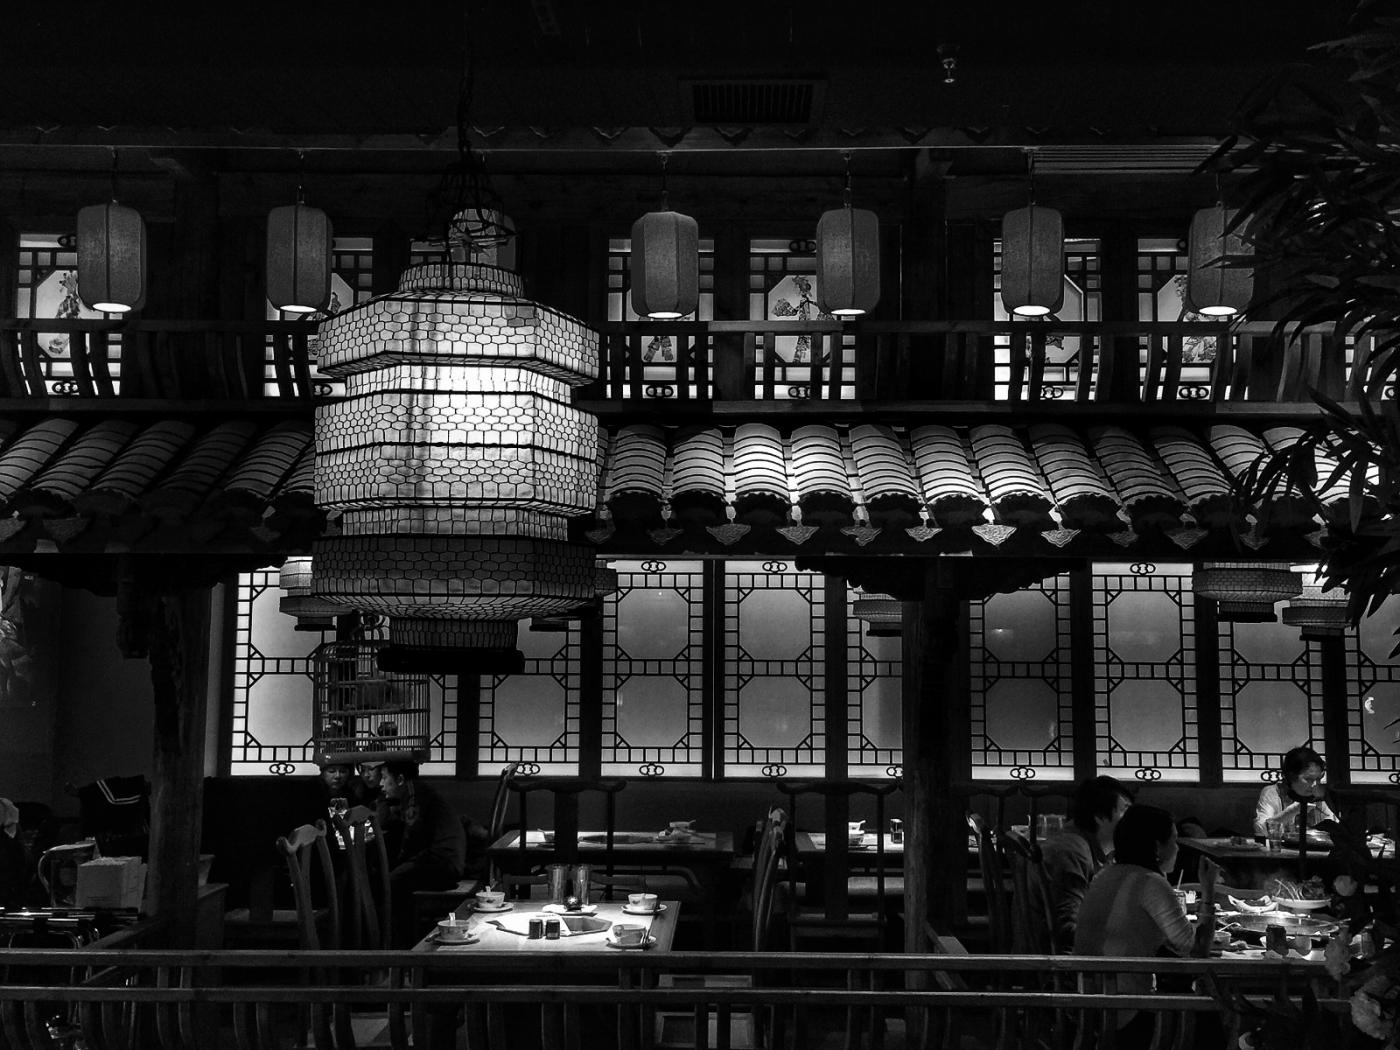 【盲流摄影】纽约法拉盛的中餐馆品味在提升-手机摄影_图1-37